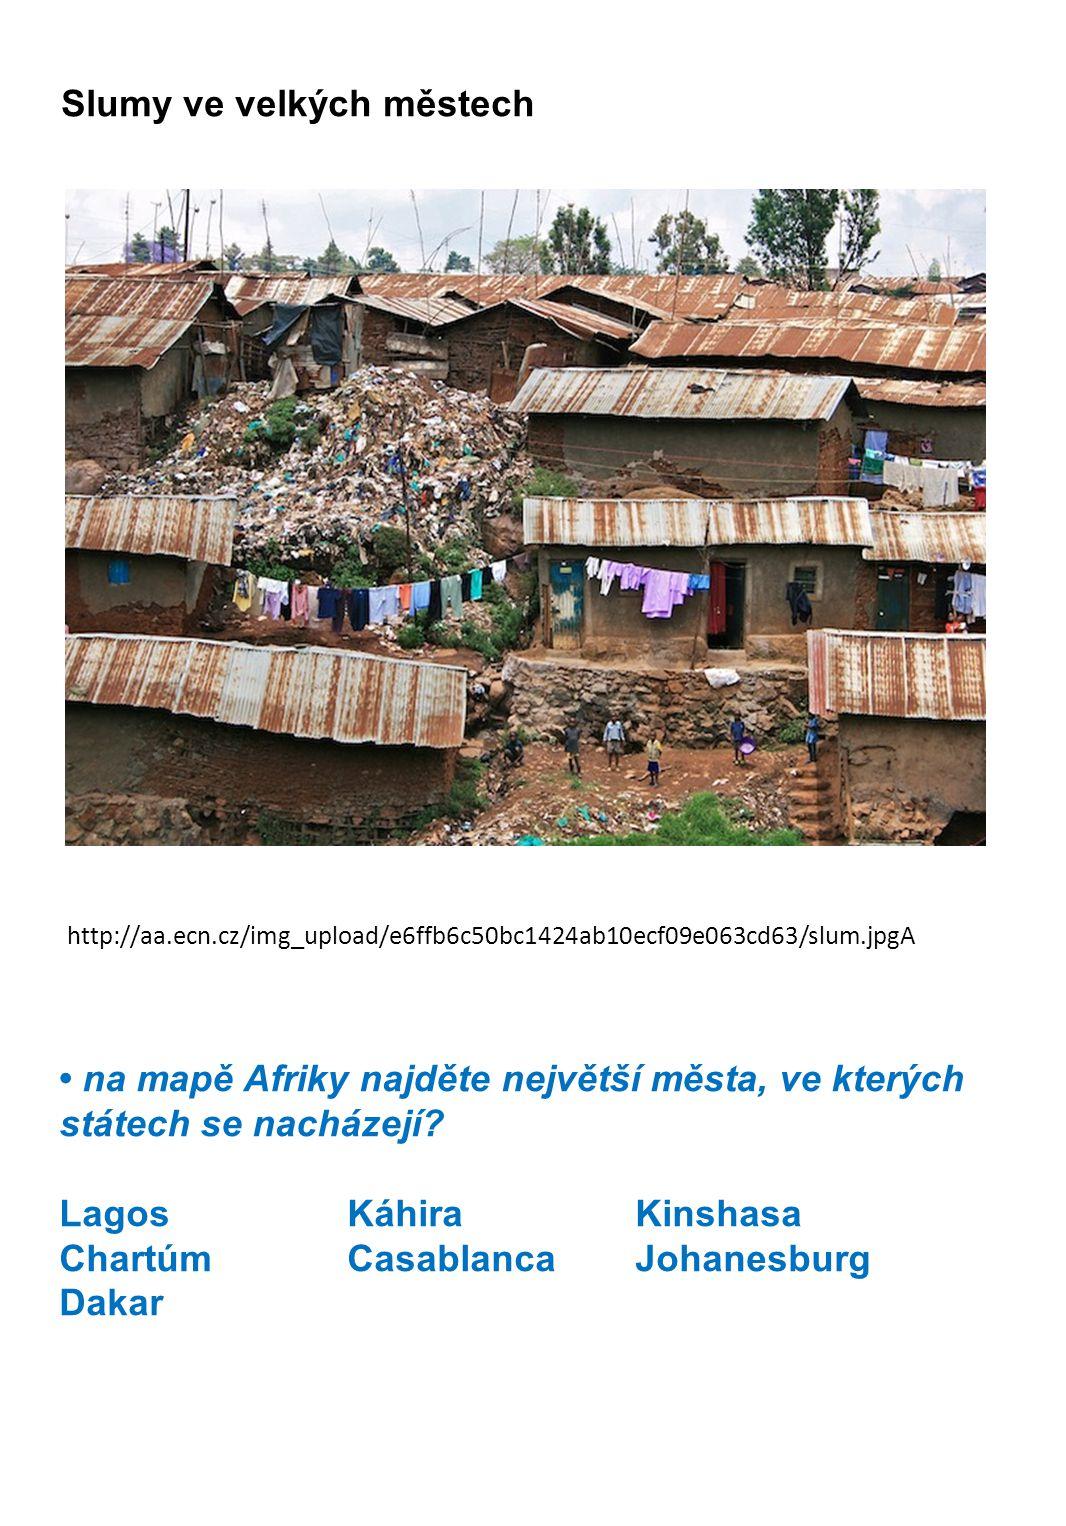 Slumy ve velkých městech